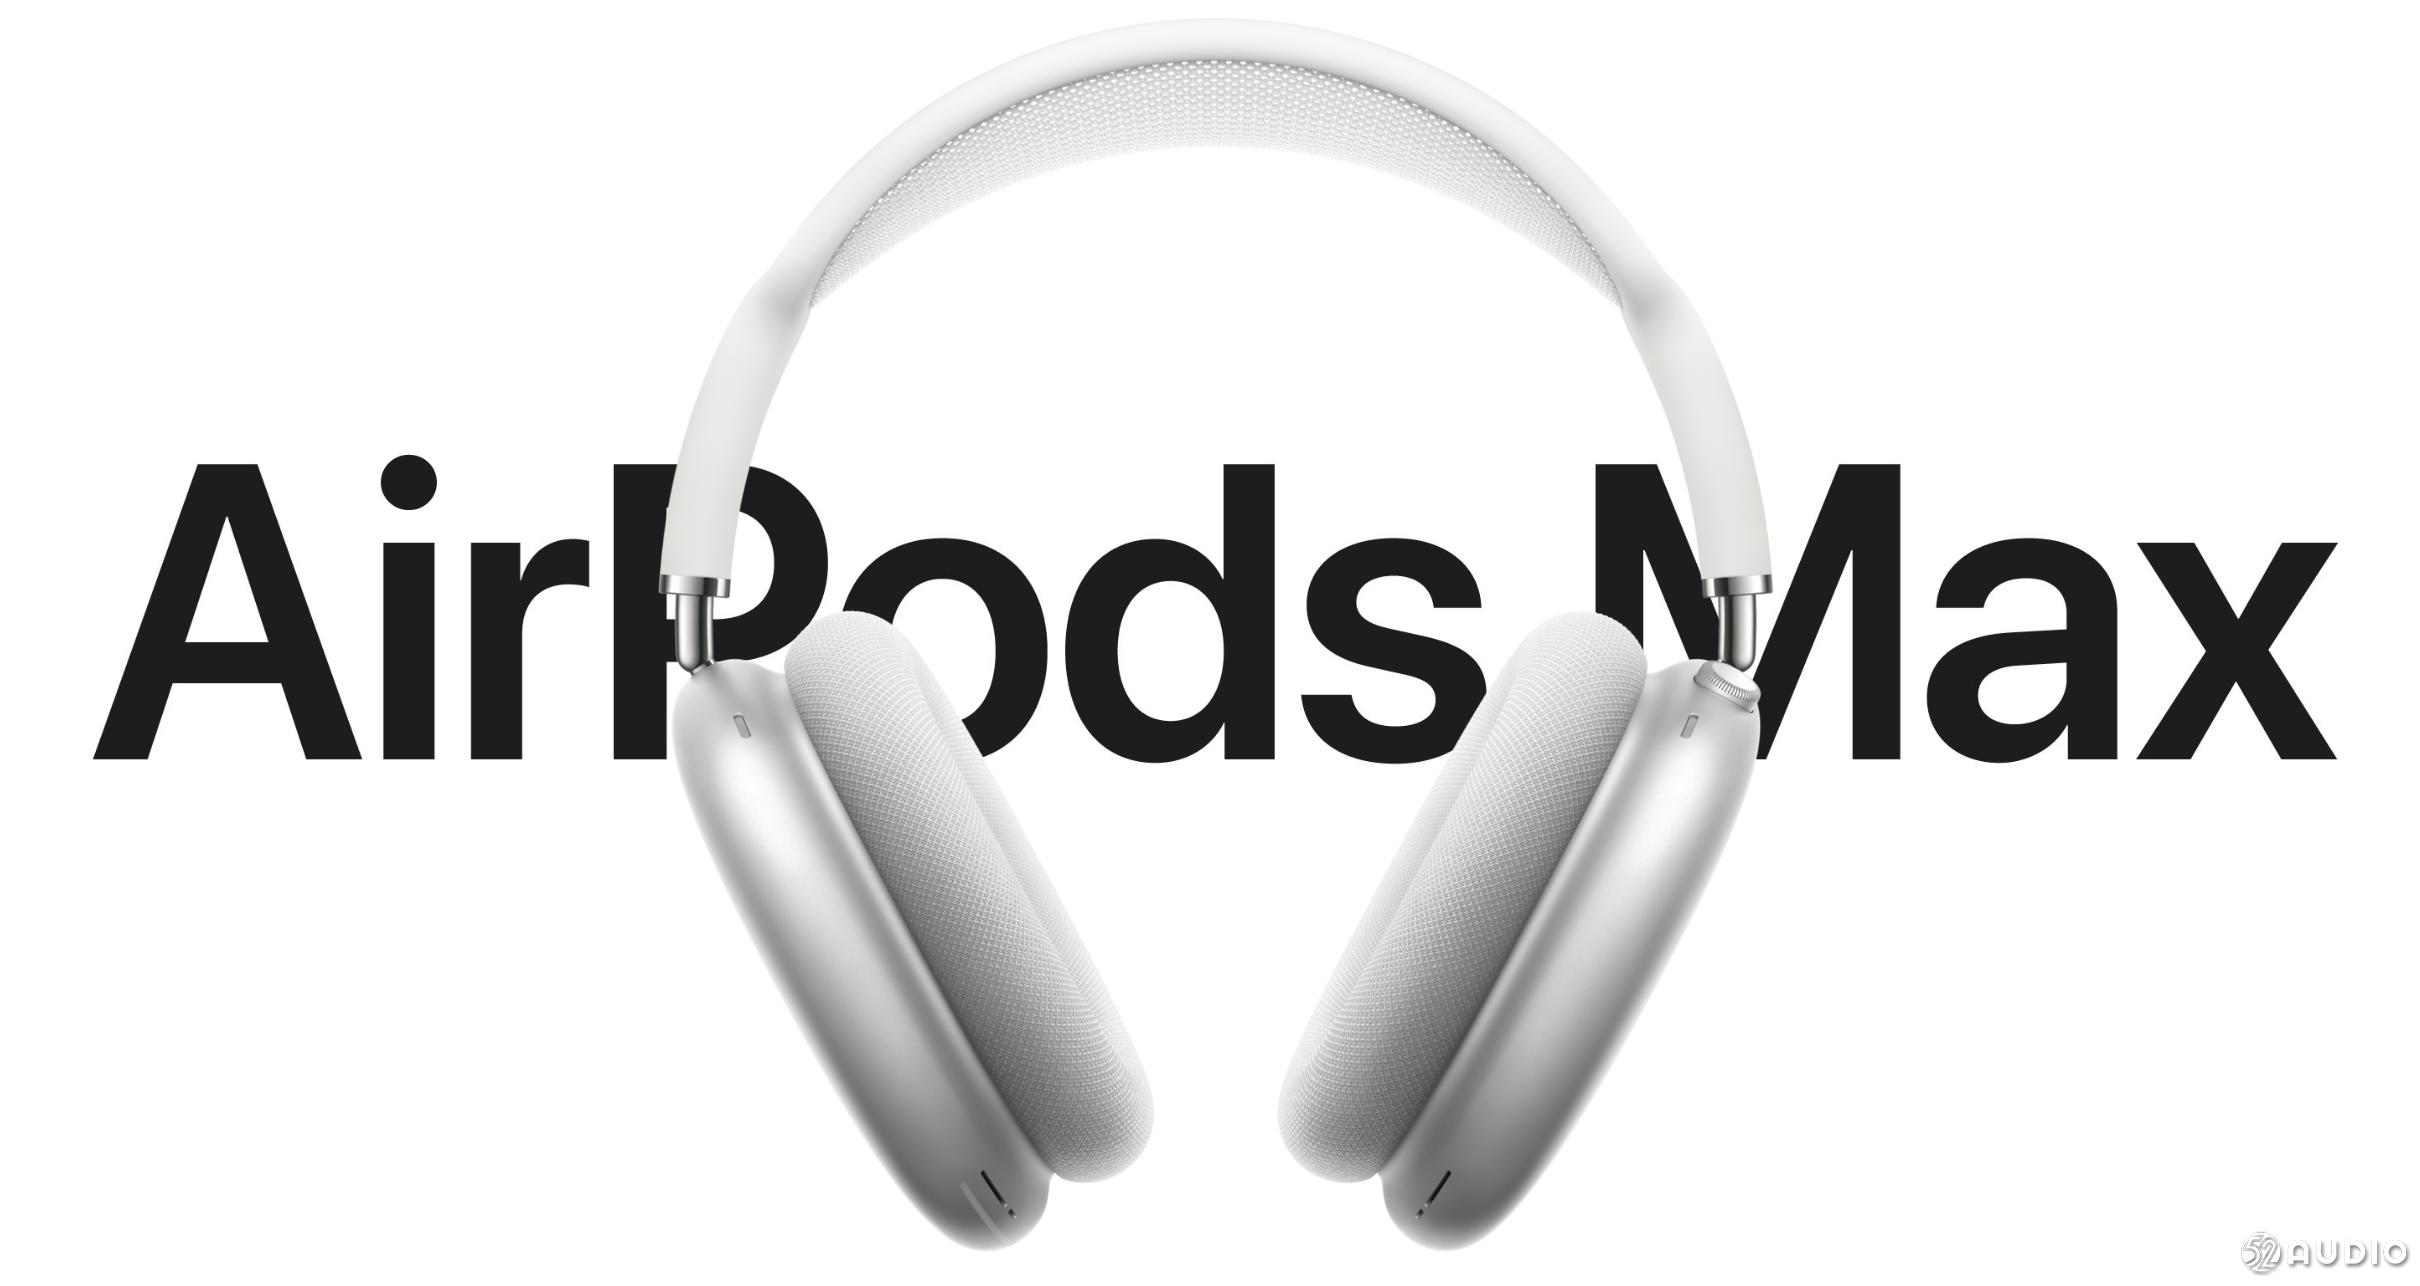 苹果首款头戴耳机AirPods Max正式发布,售价4399元-我爱音频网